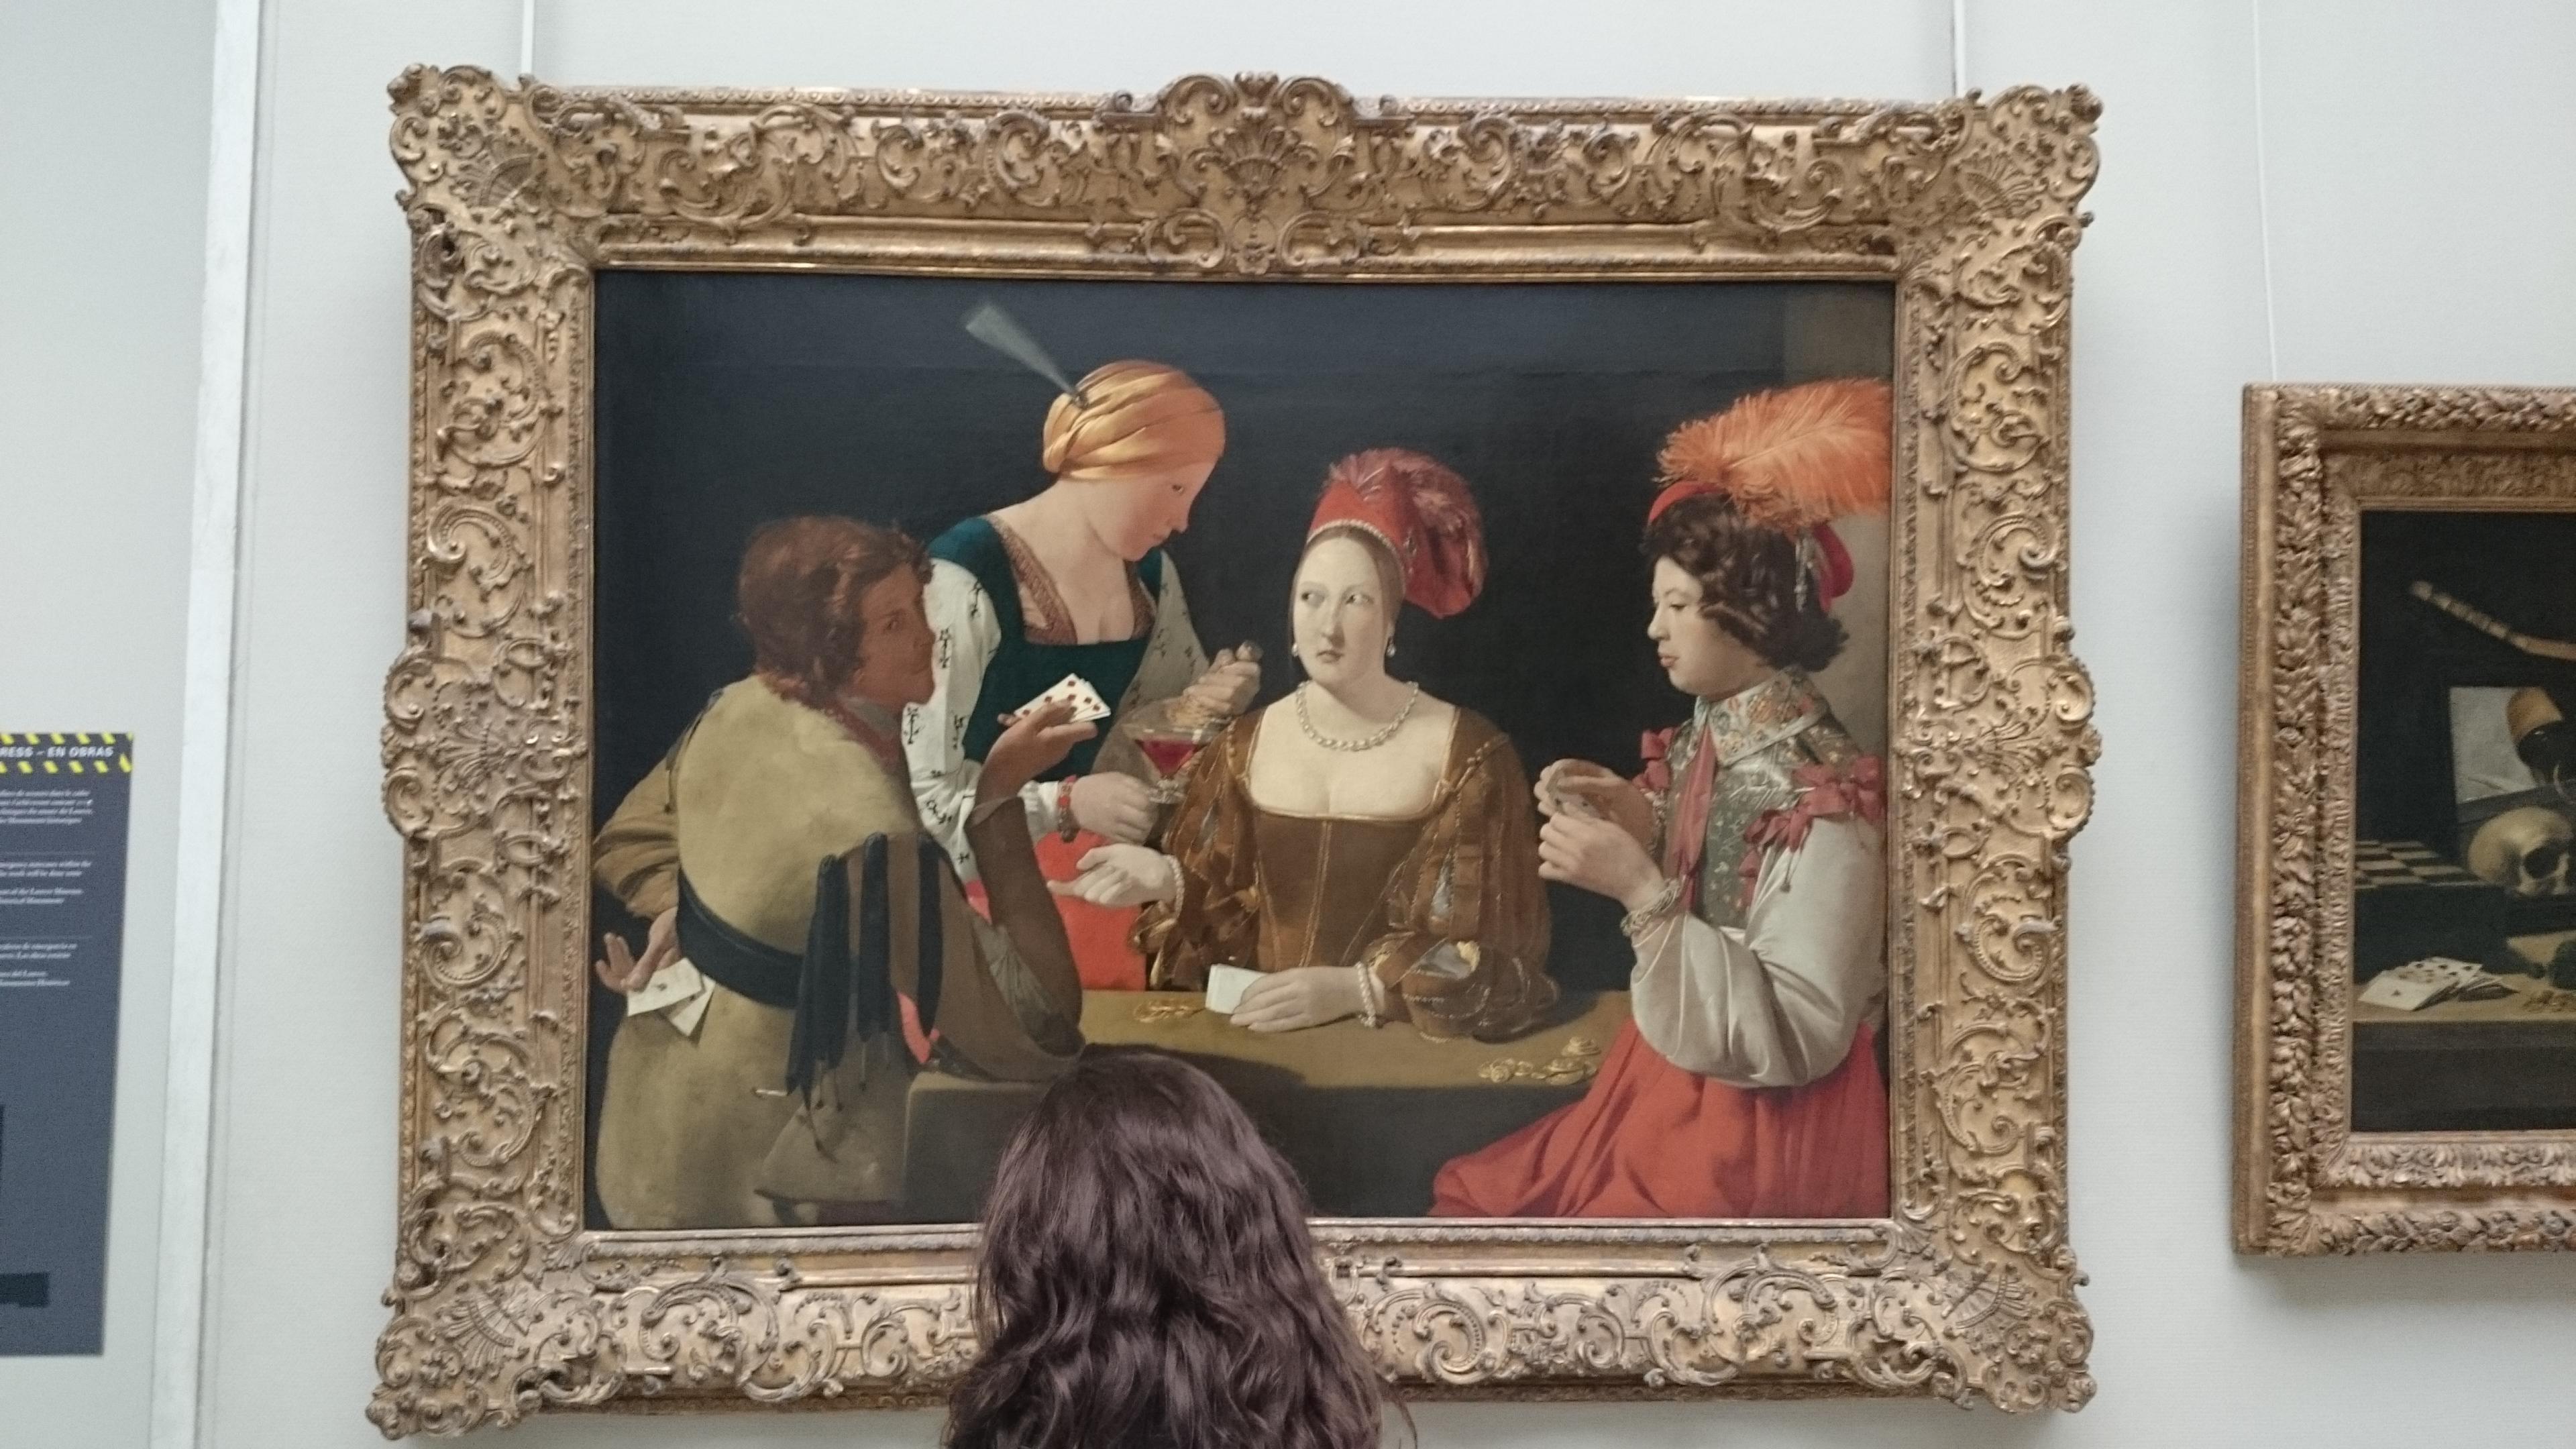 dsc 1554 - Consejos para visitar el Museo Louvre (y otros museos)